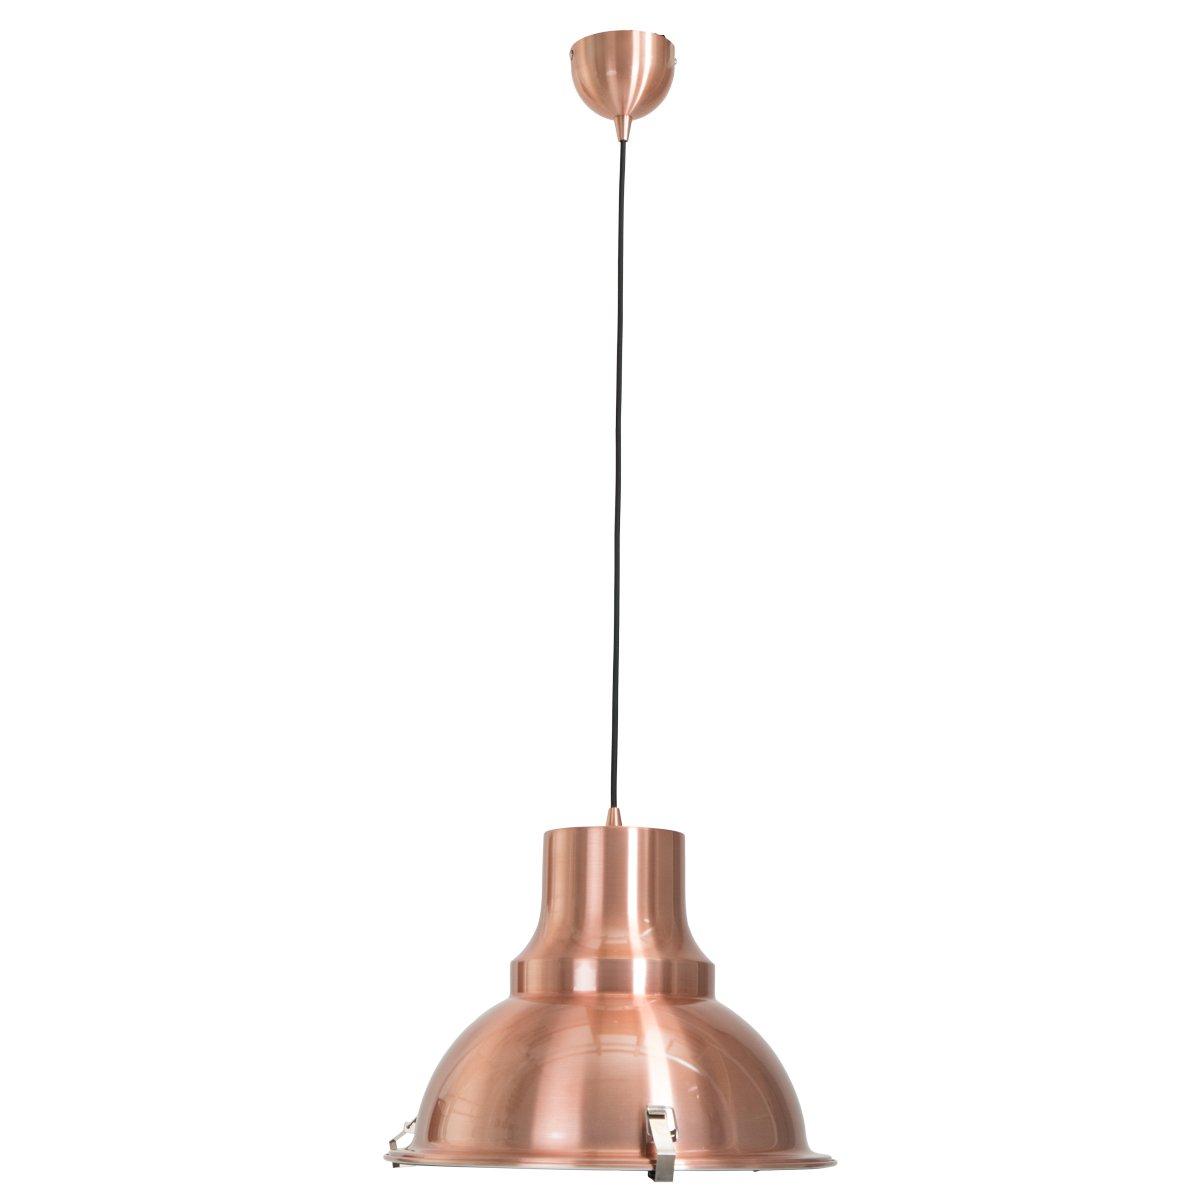 Steinhauer Koperen hanglamp Parade Steinhauer 5798KO